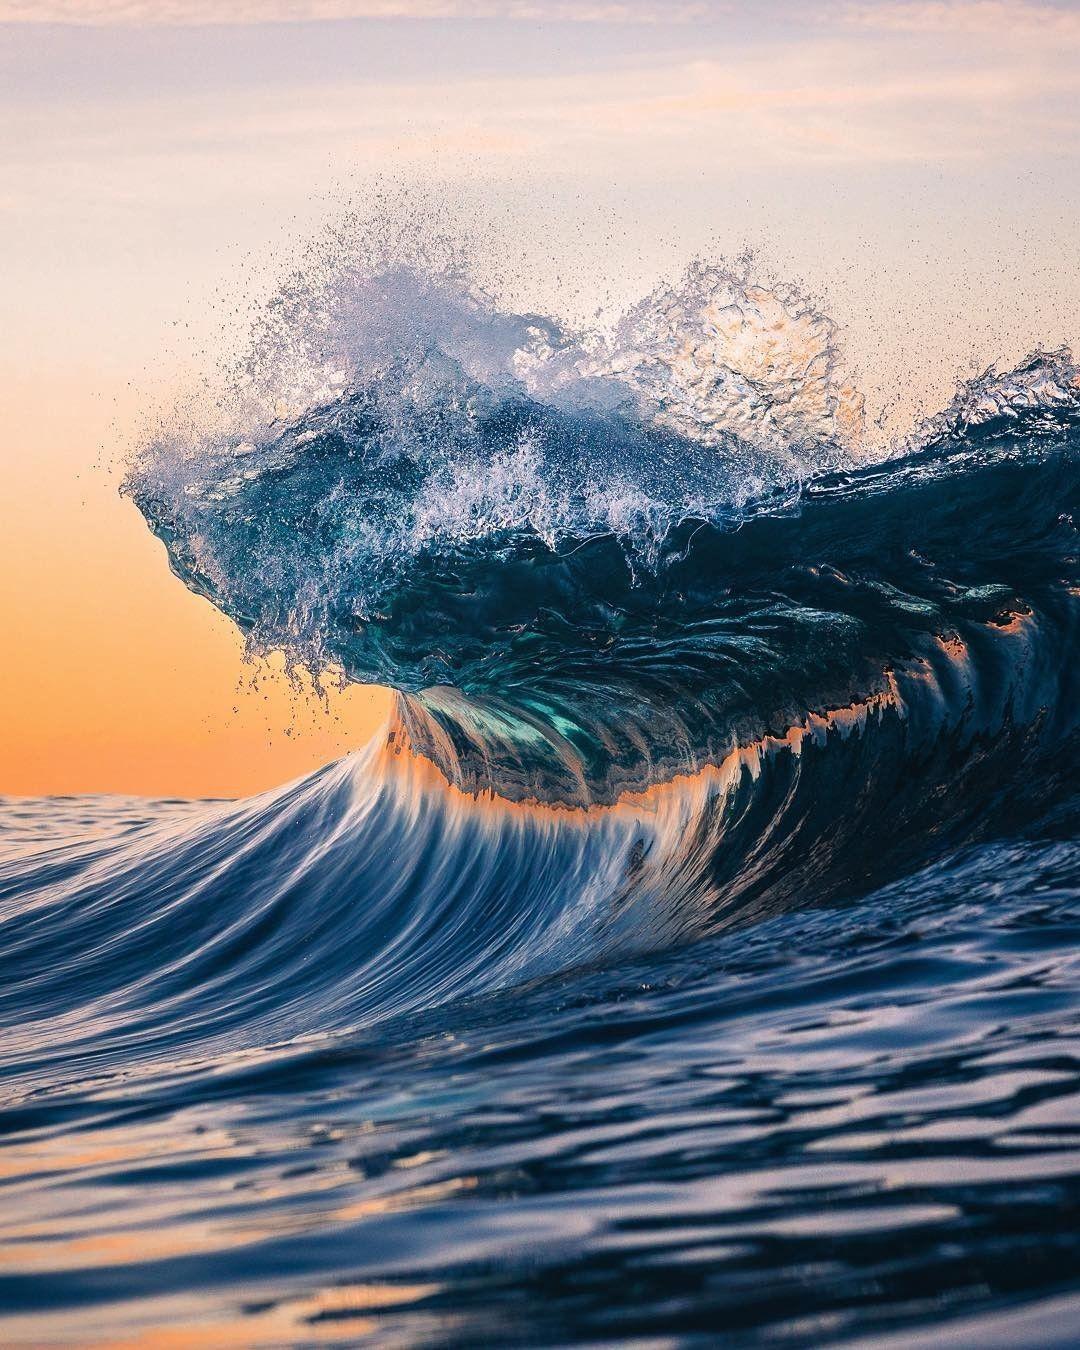 вещей картинки волны океана пункт проката